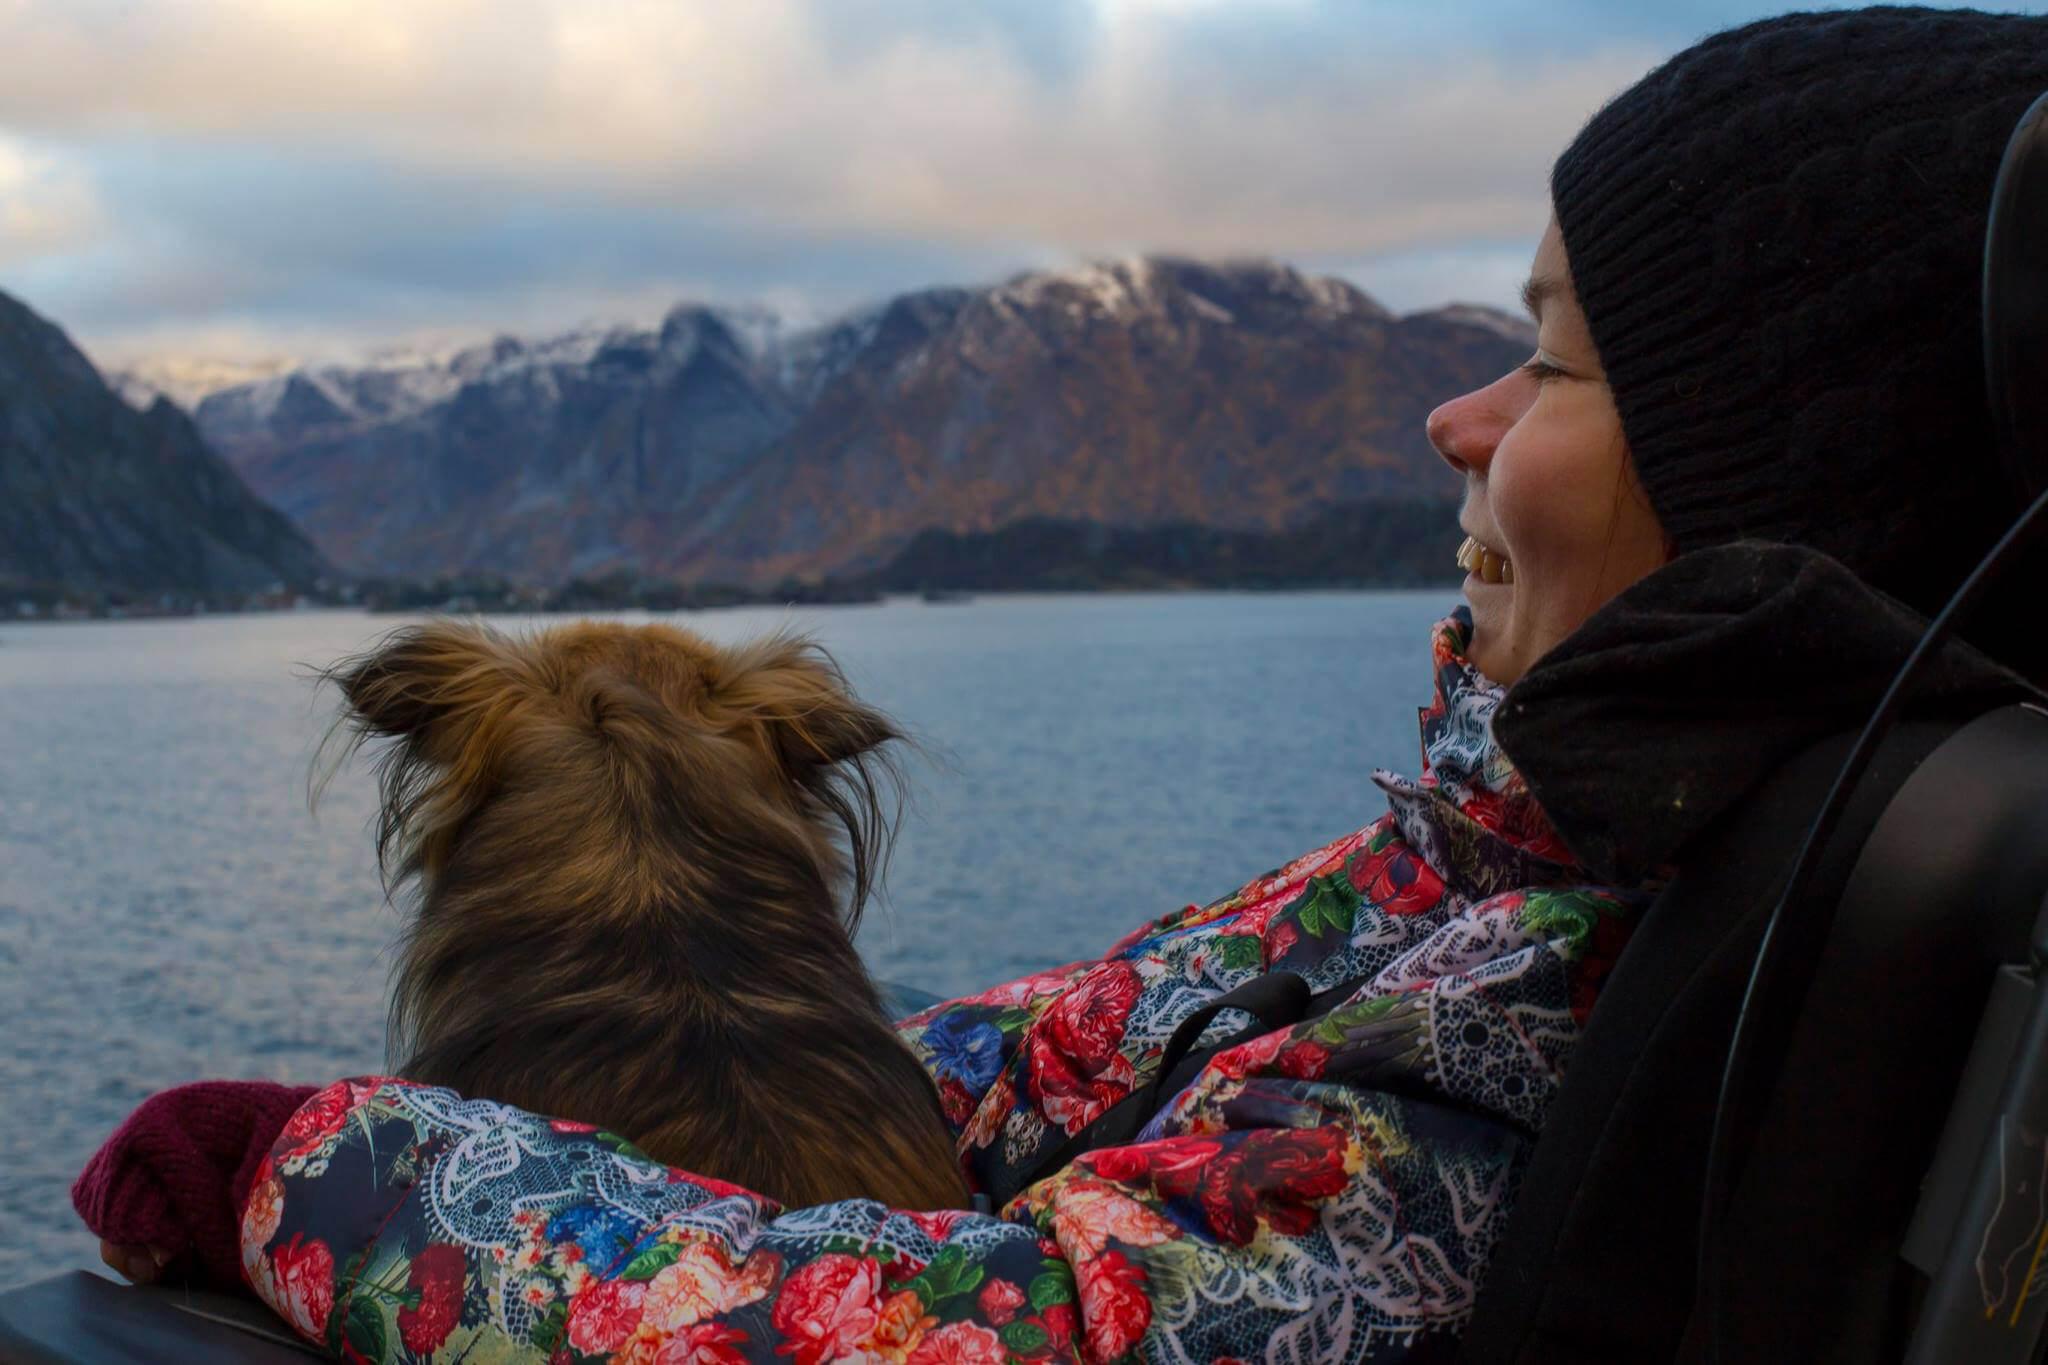 Nærbilde av artikkelskribent som sitter ute. Hun har en hund på fanget og de kikker begge ut mot fjorden. I bakgrunnen skimtes vann og fjellformasjoner.